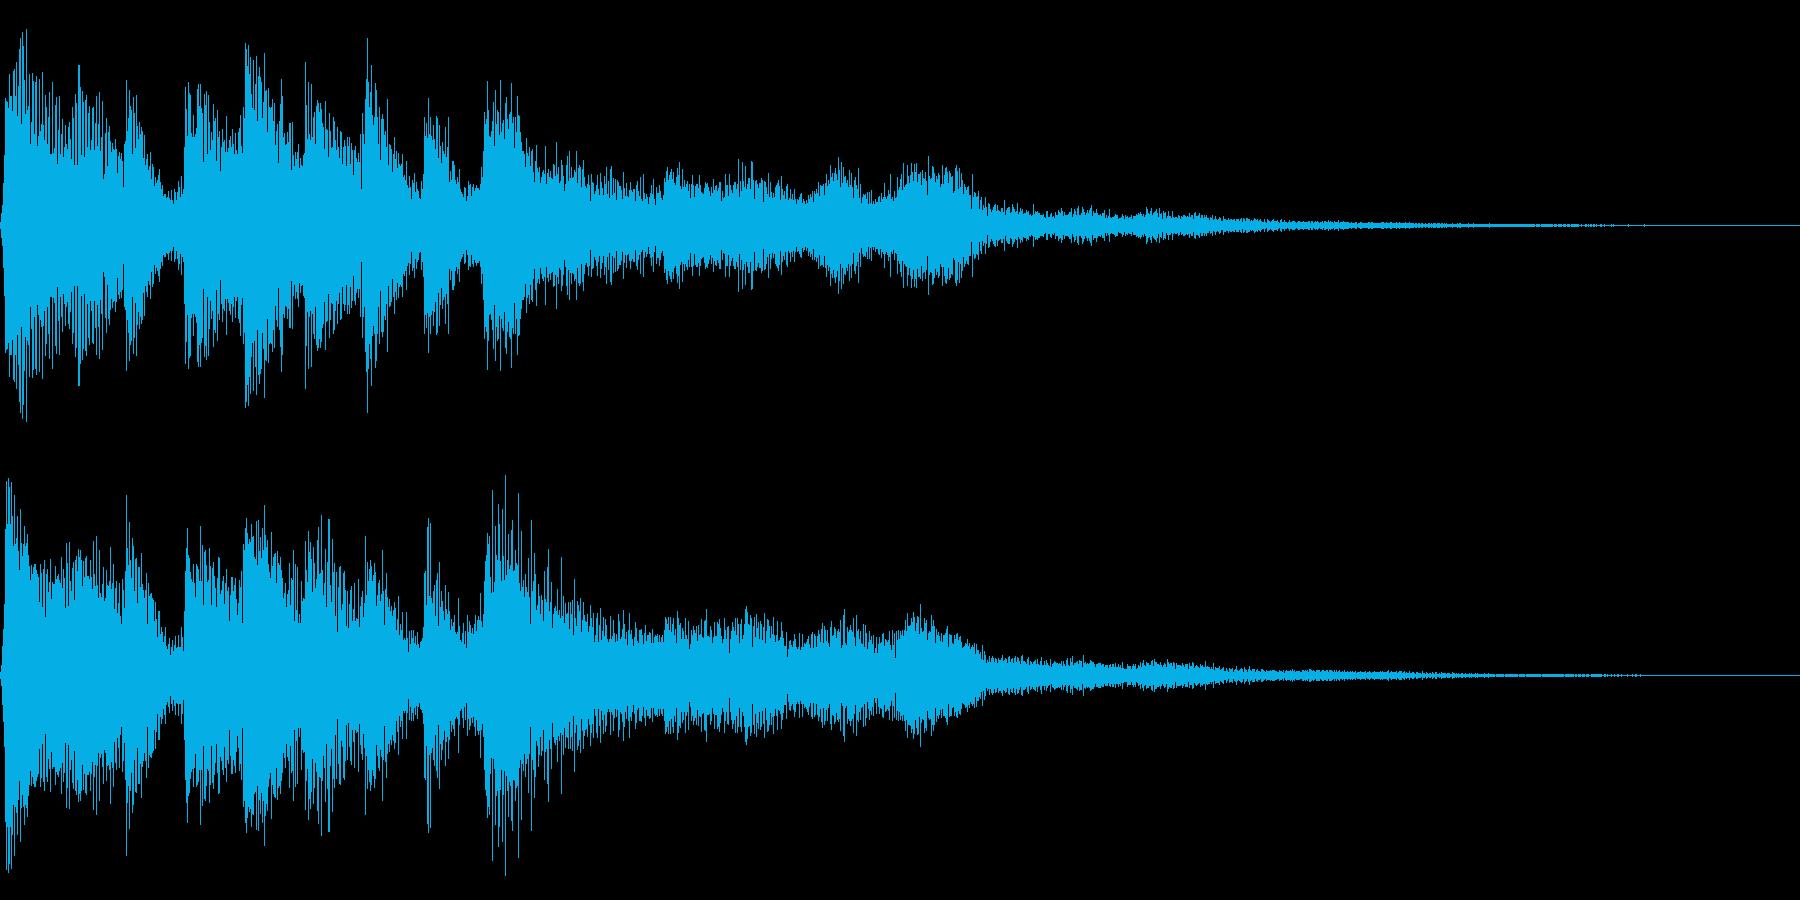 レトロなゲームオーバー音 8bit ミスの再生済みの波形